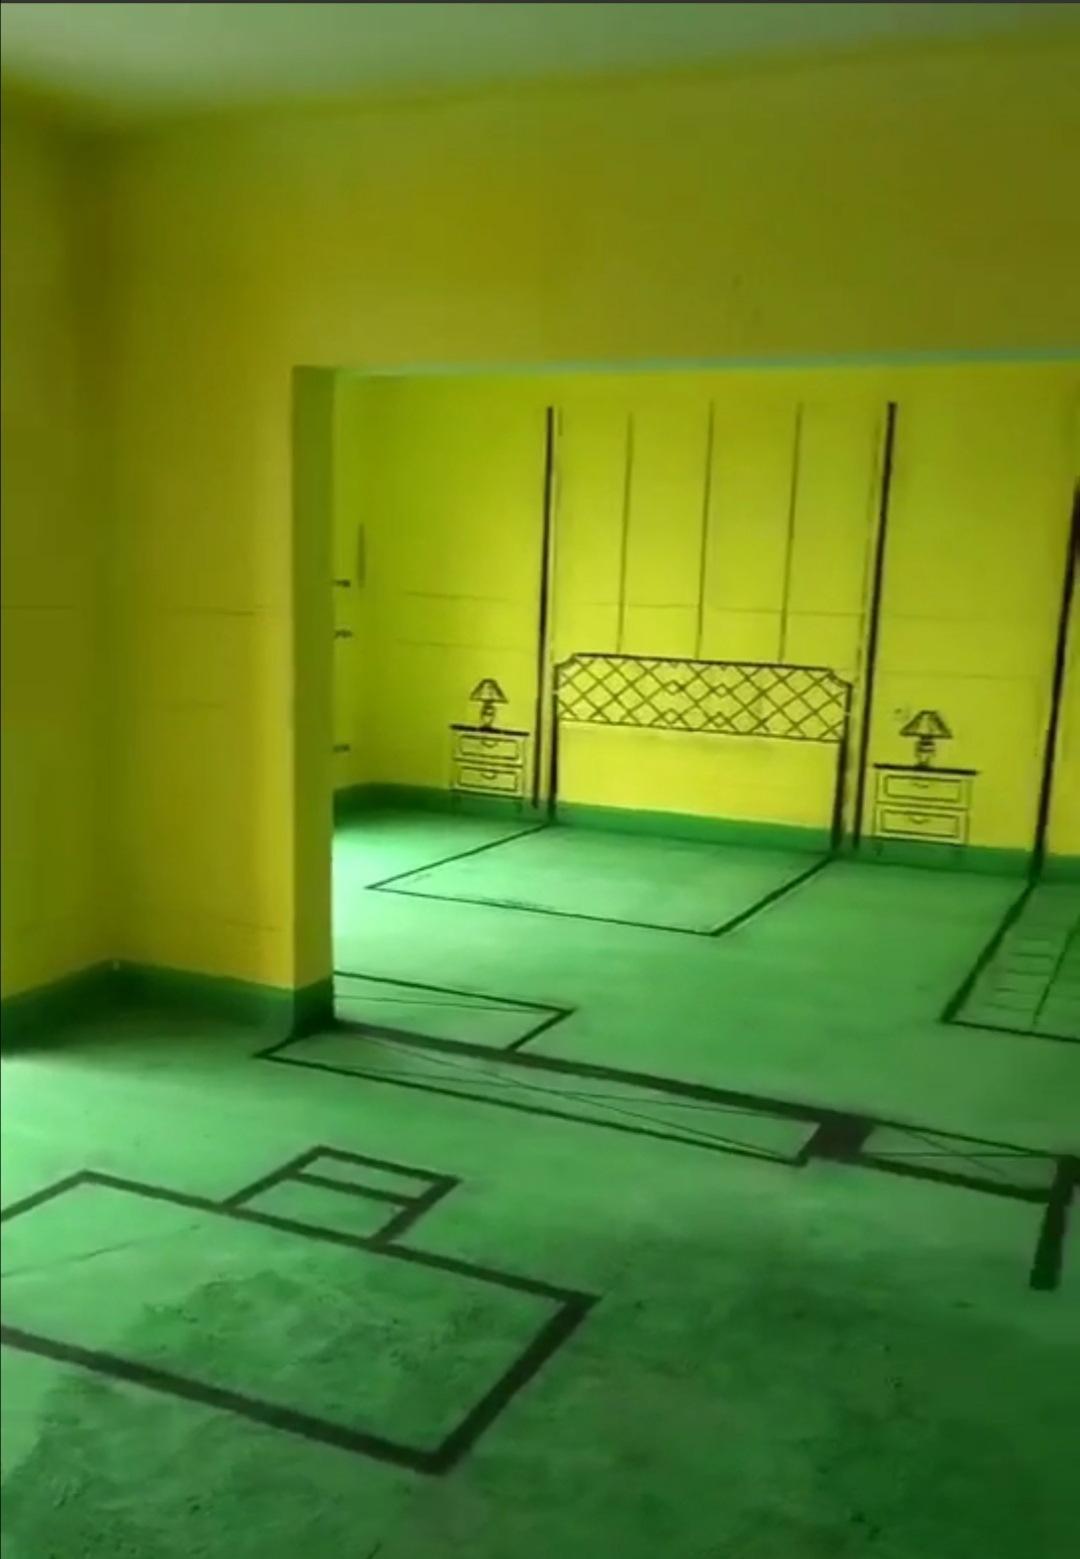 洛阳绿色墙固厂家-墙固颜色是绿色的-绿色家园 墙固